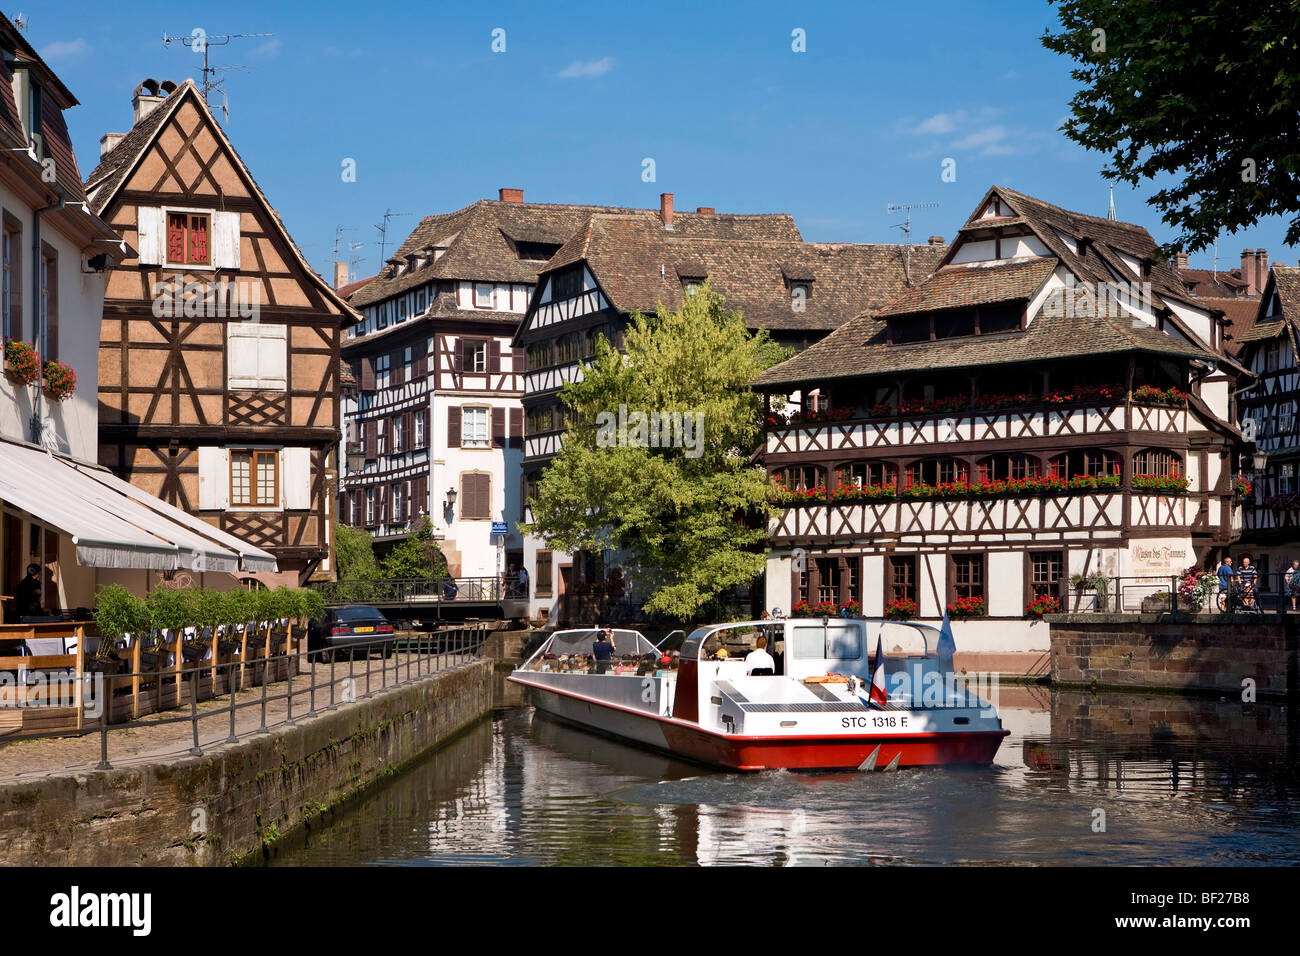 Viaje en barco por el río, el restaurante Maison de Tanneurs, Petite France, Estrasburgo, Alsacia, Francia Foto de stock